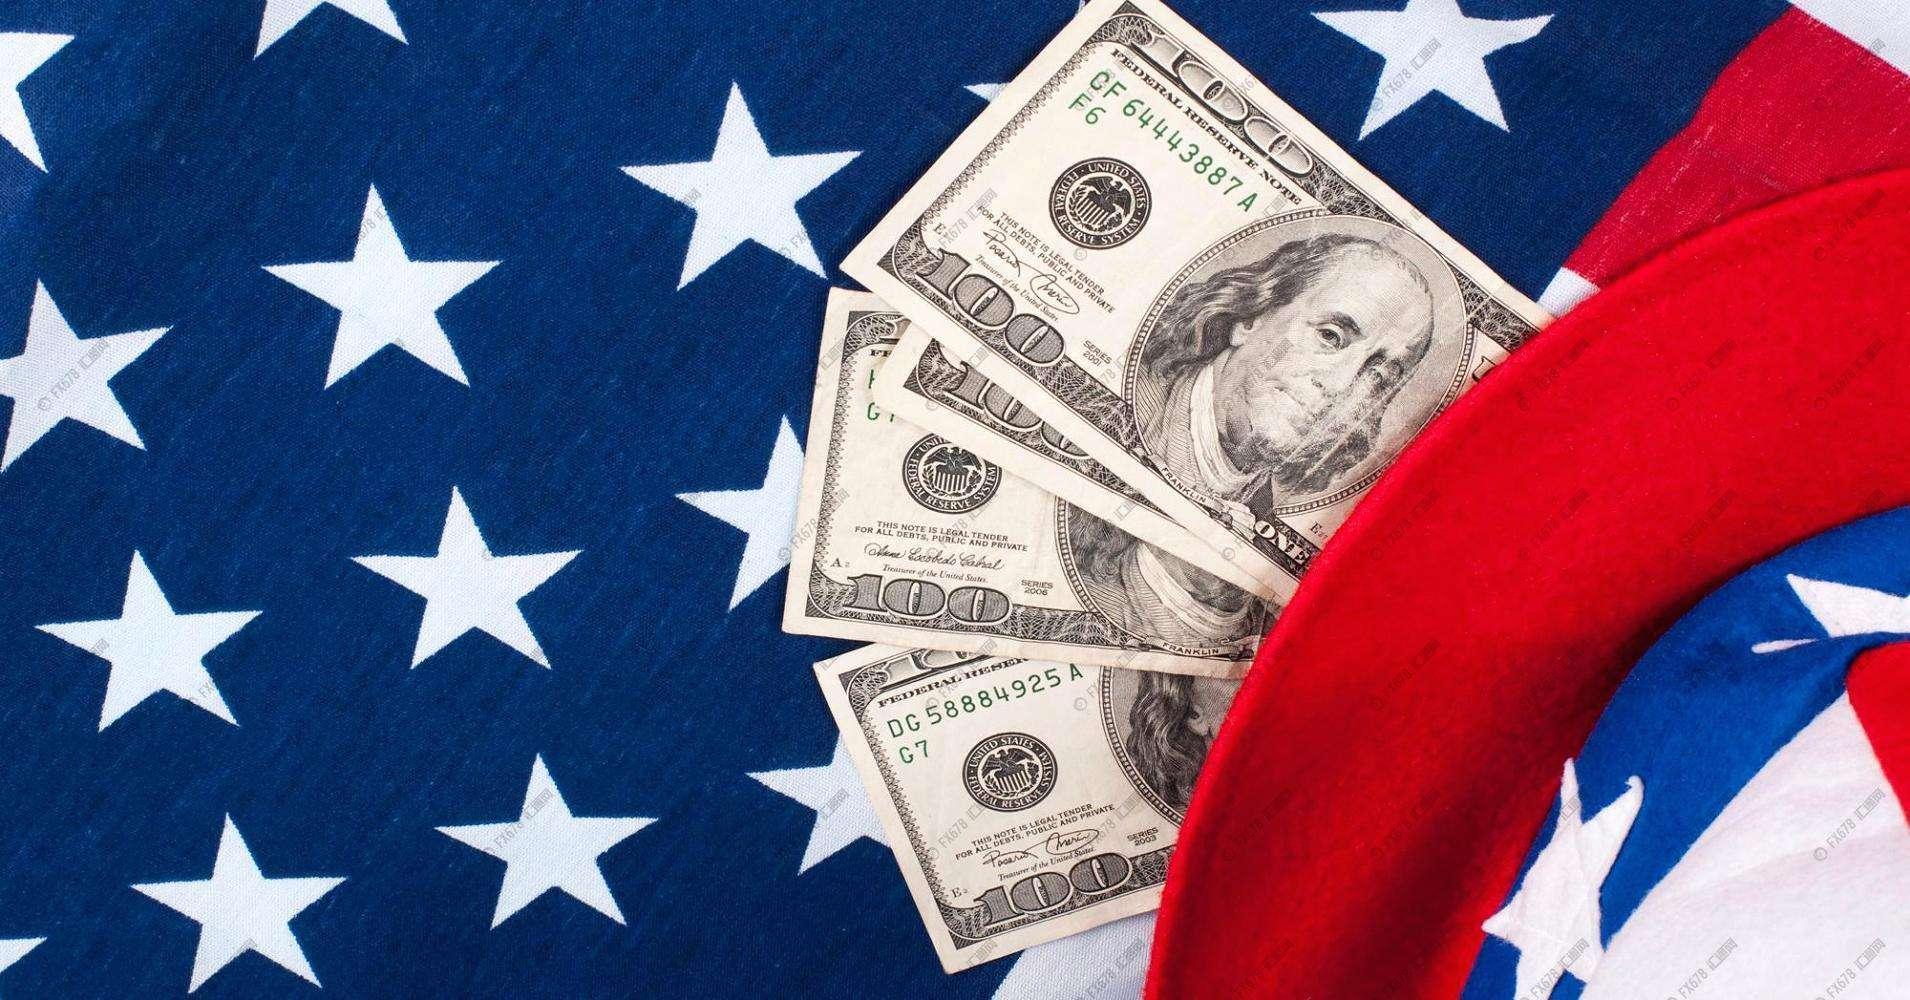 年初美国经济出现良好迹象 表明未来几月经济仍将稳步增长